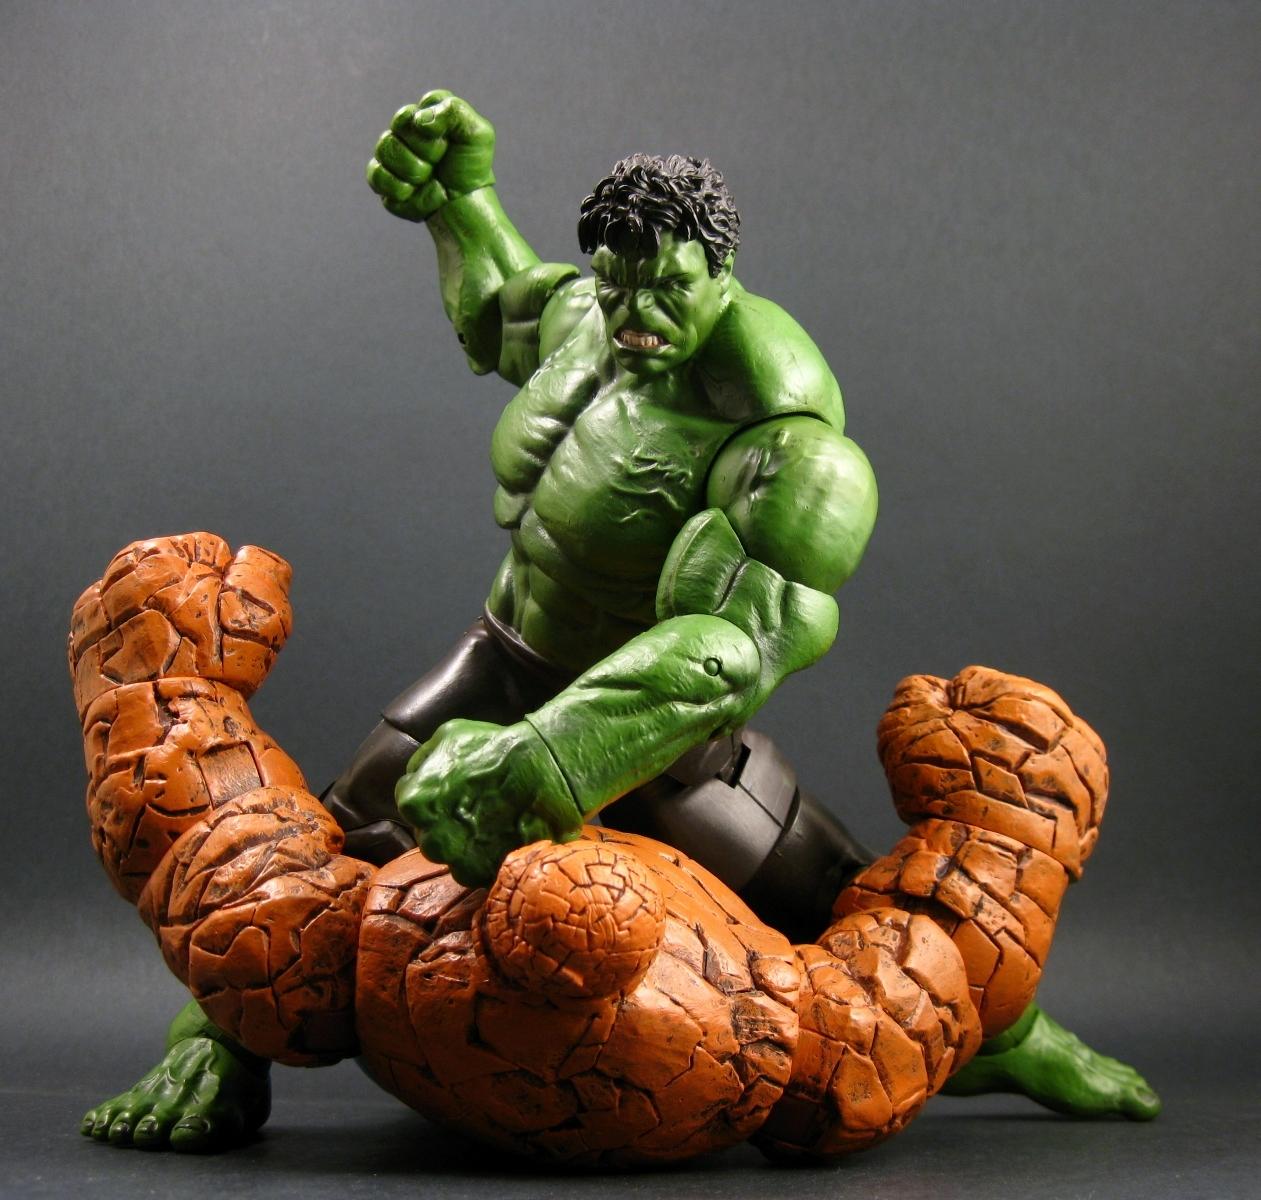 Chase Variant: The Avengers: Marvel Select Hulk